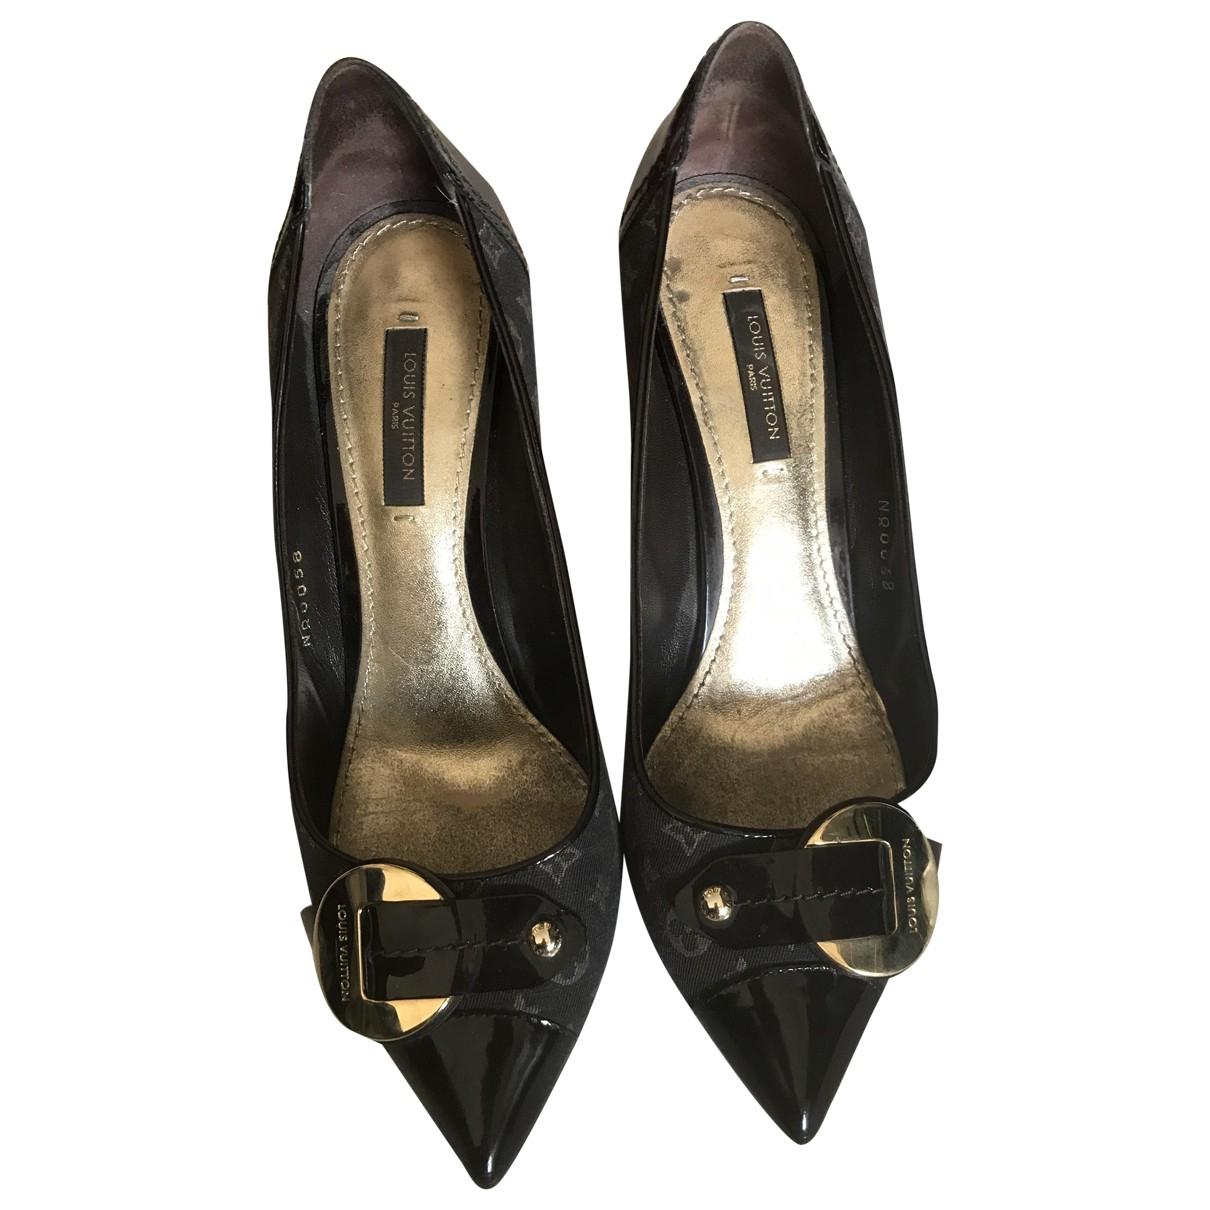 Louis Vuitton - Escarpins   pour femme en cuir verni - marron